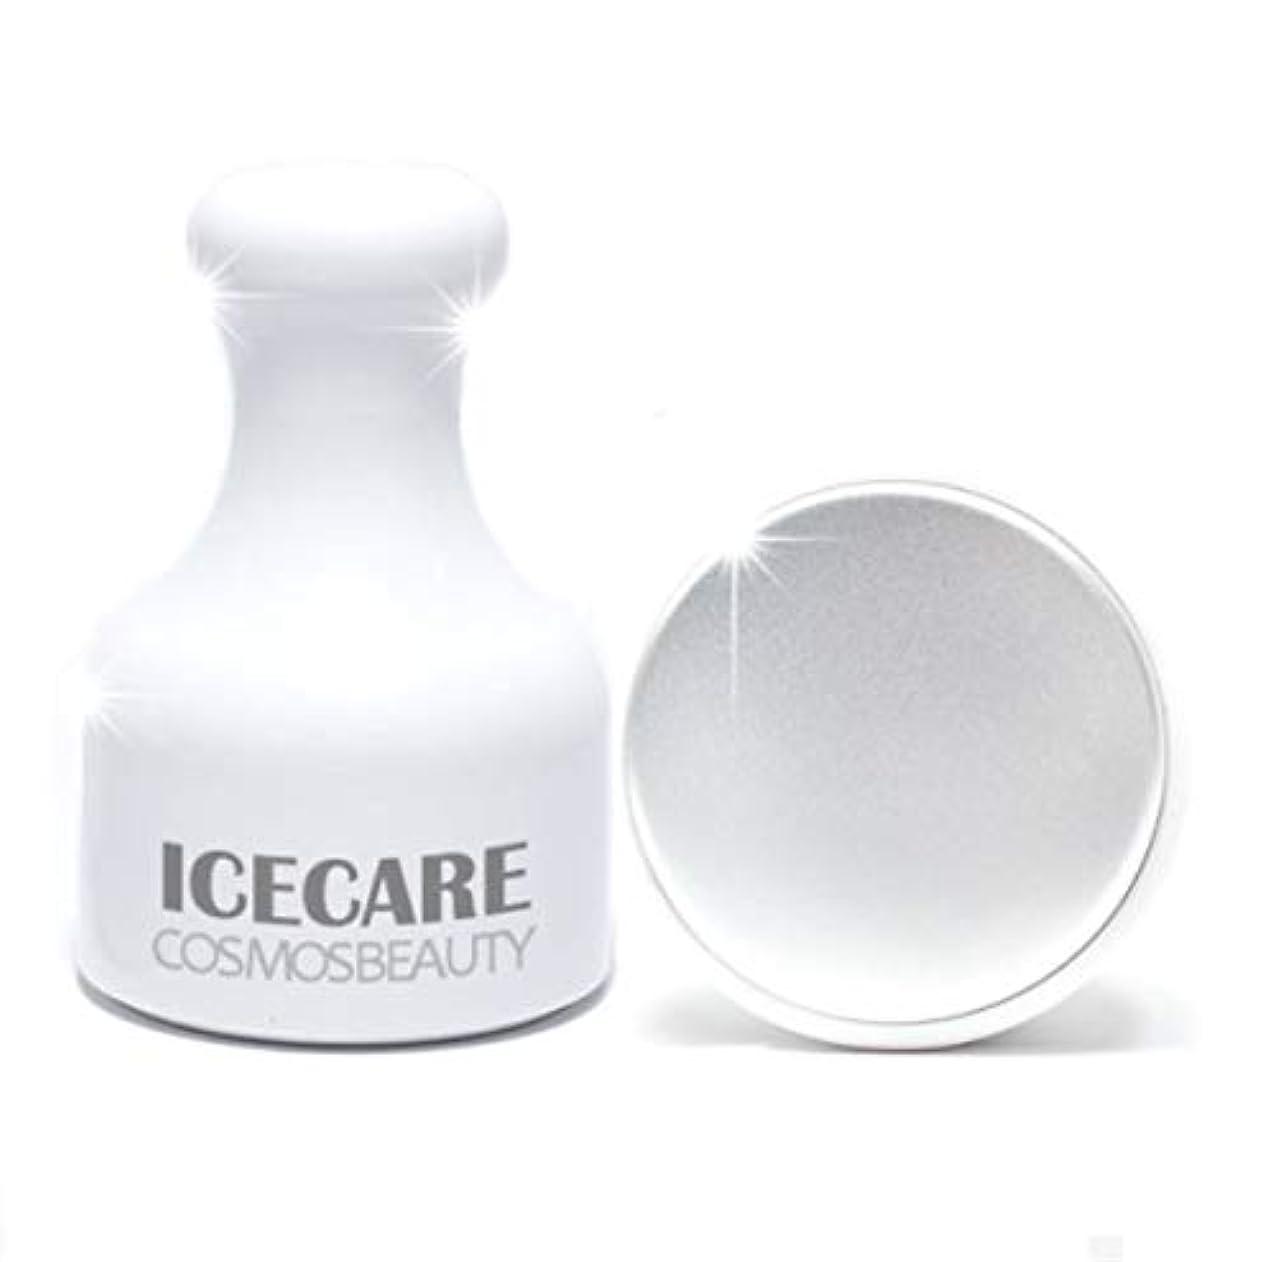 スタック事実システムCosmosbeauty Ice Care 毛穴ケア、冷マッサージ,フェイスクーラーアイスローラーフェイスローラー顔マッサージ機構の腫れ抜き方法毛穴縮小(海外直送品)